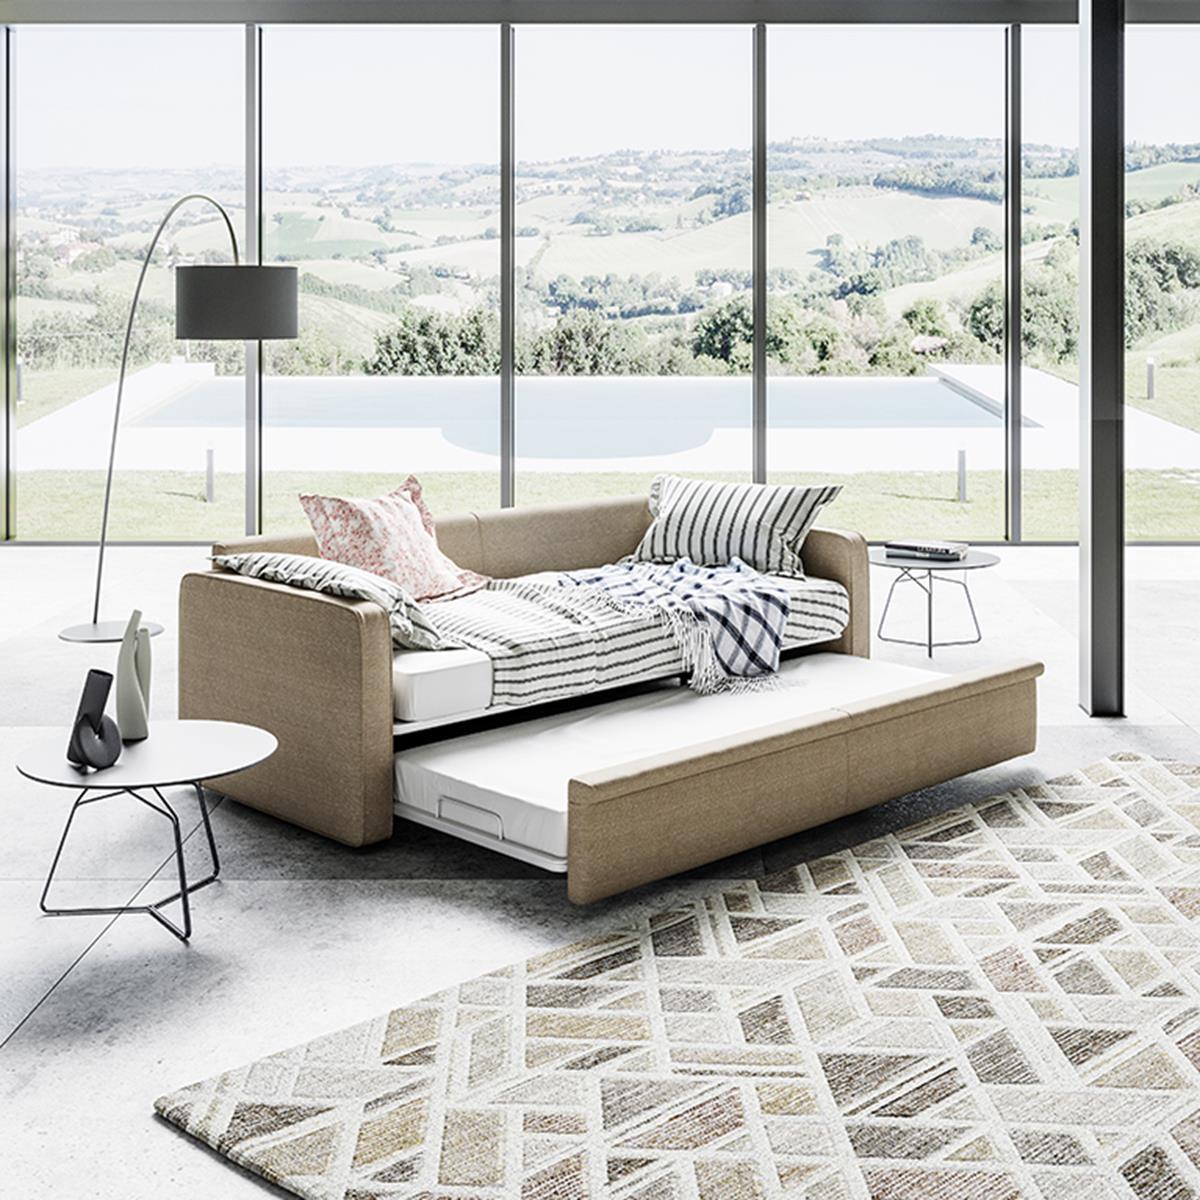 poltronesofa-collezione-divani-letto-18